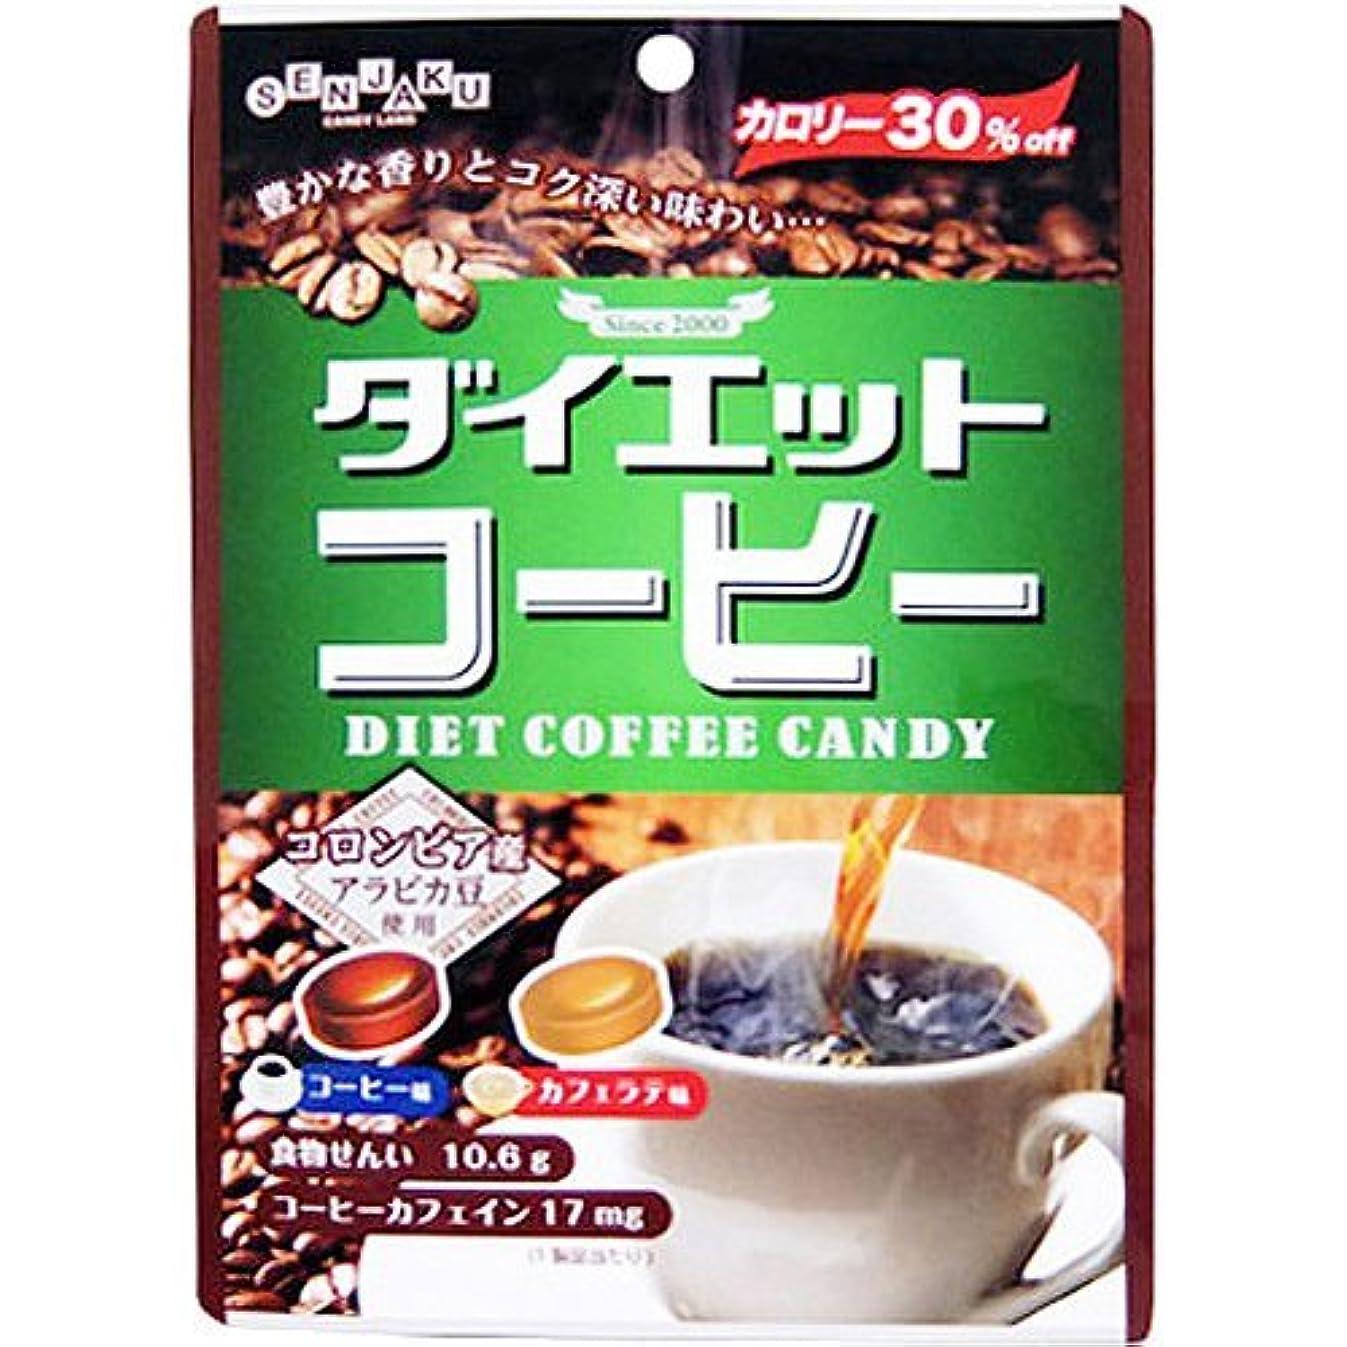 武器もろいディスカウント扇雀飴本舗 ダイエットコーヒー 80g